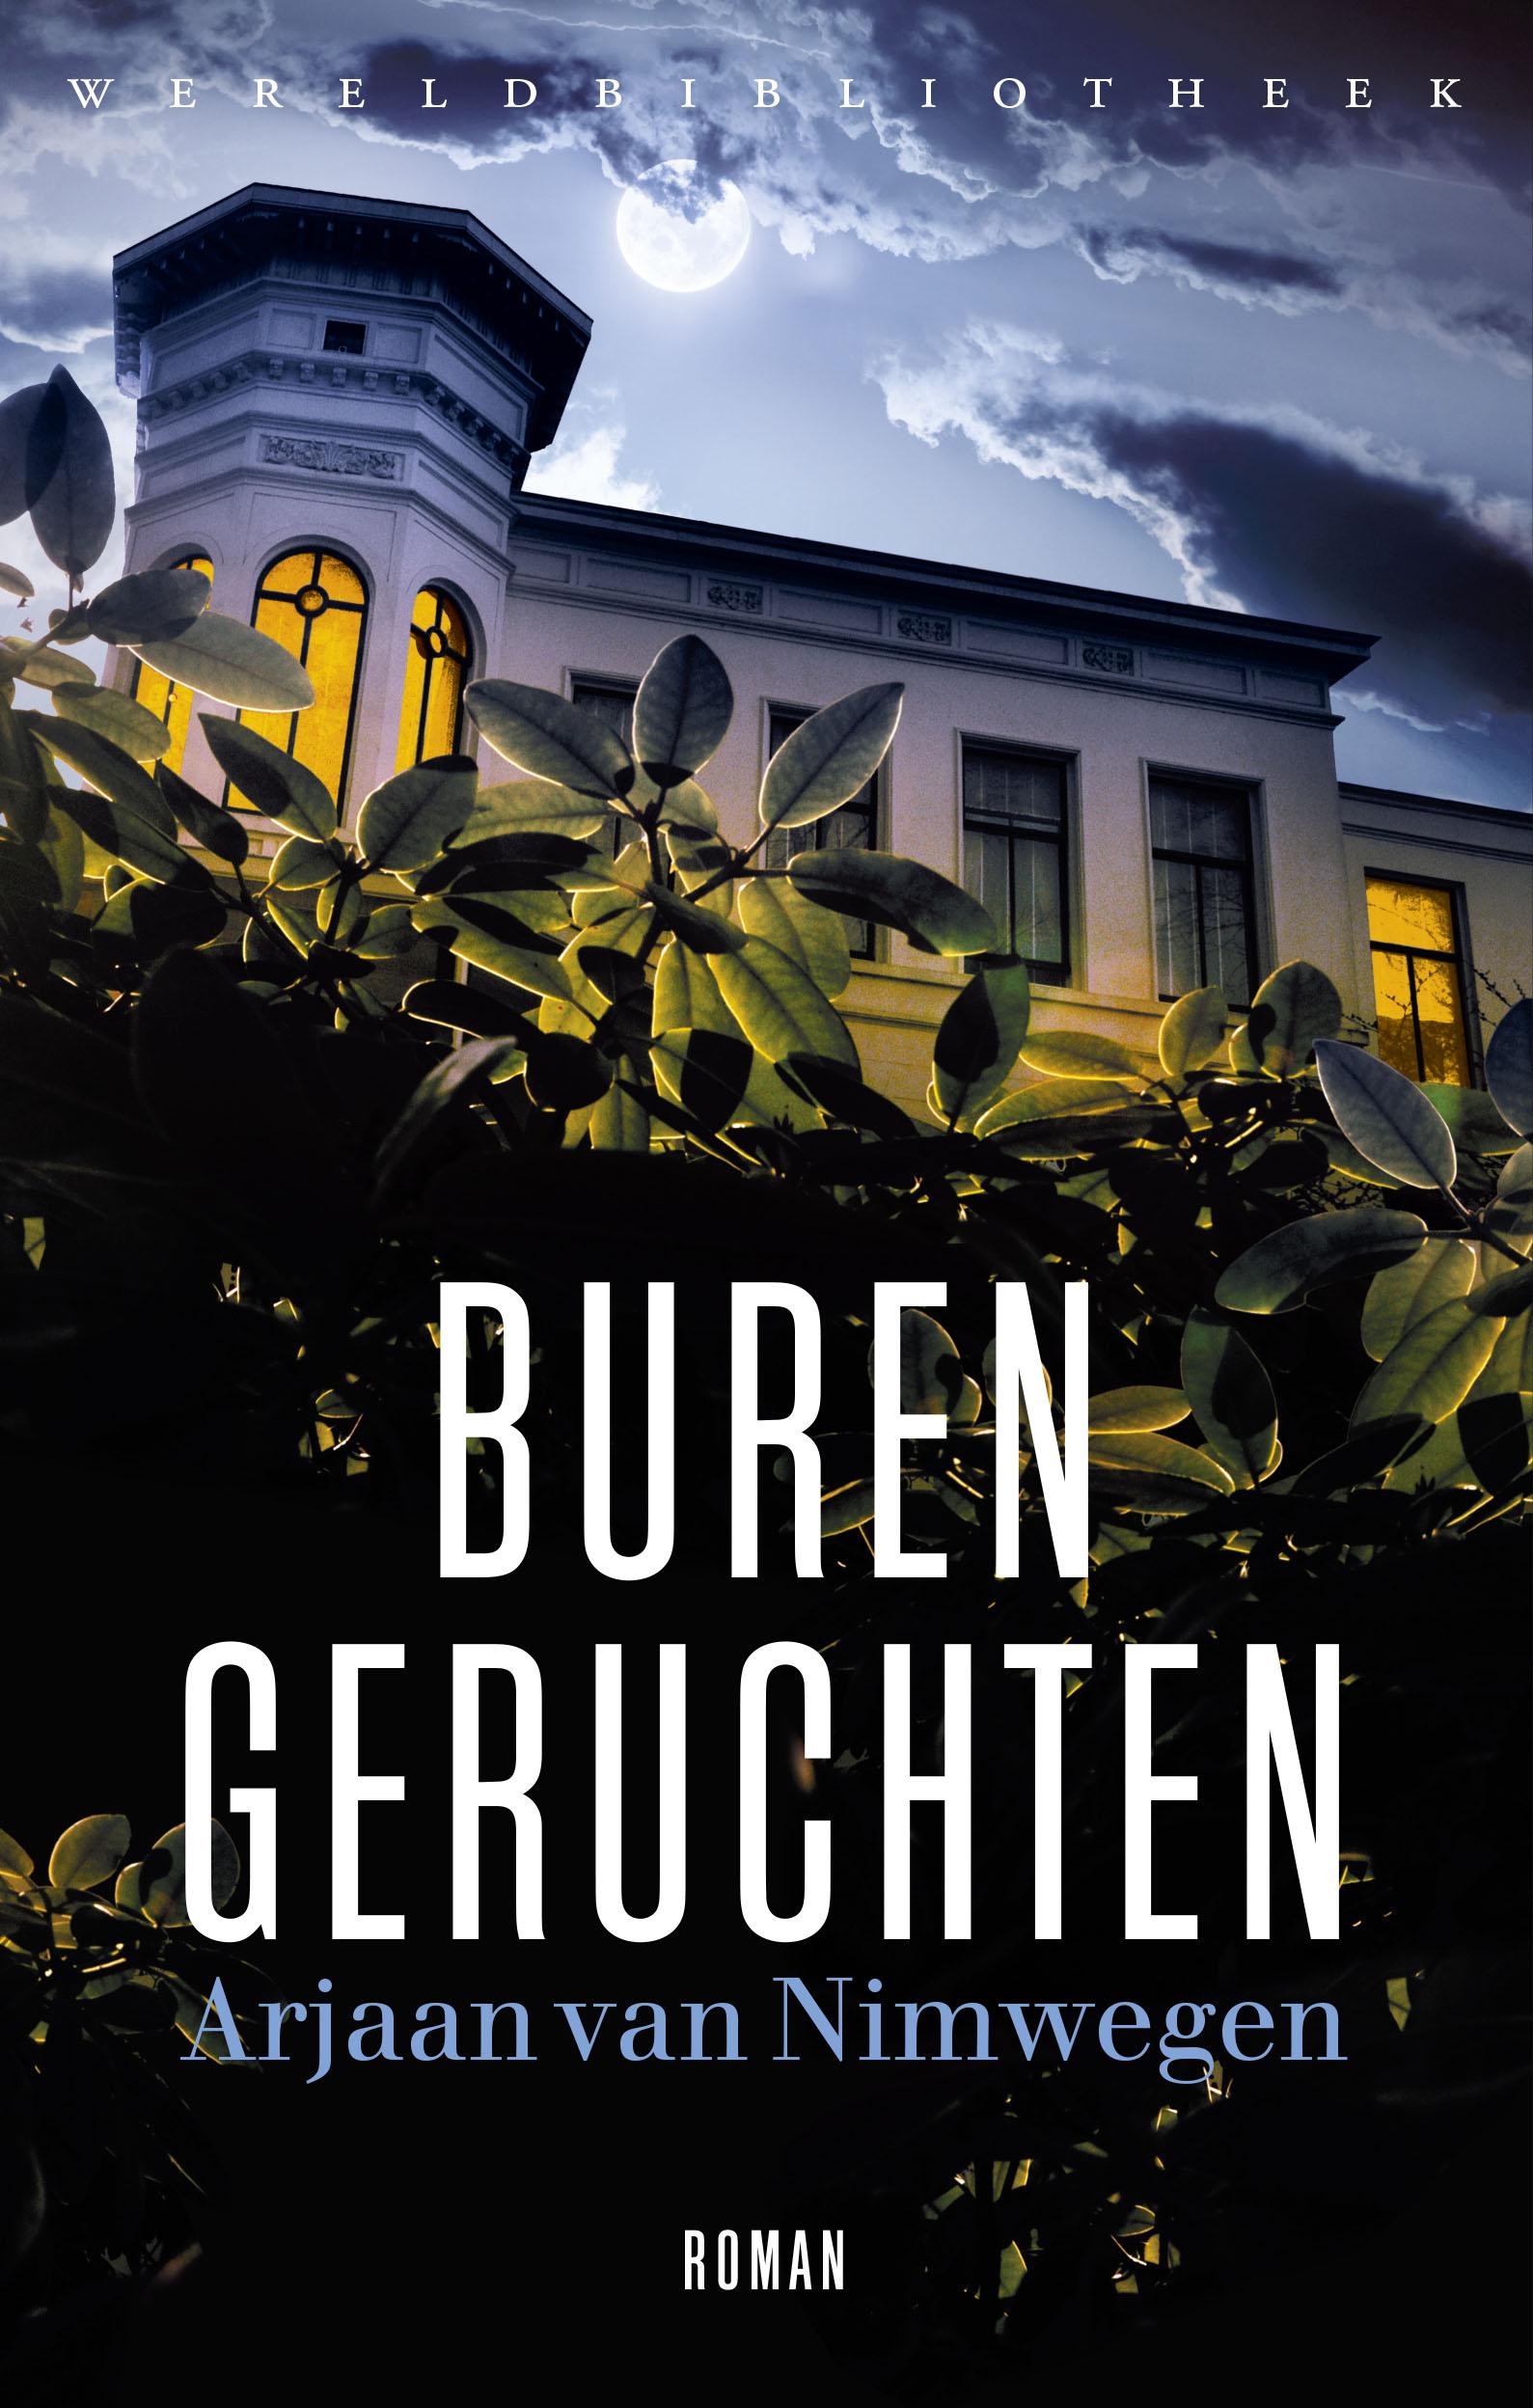 Burengeruchten - boekenflits.nl - boekrecensie